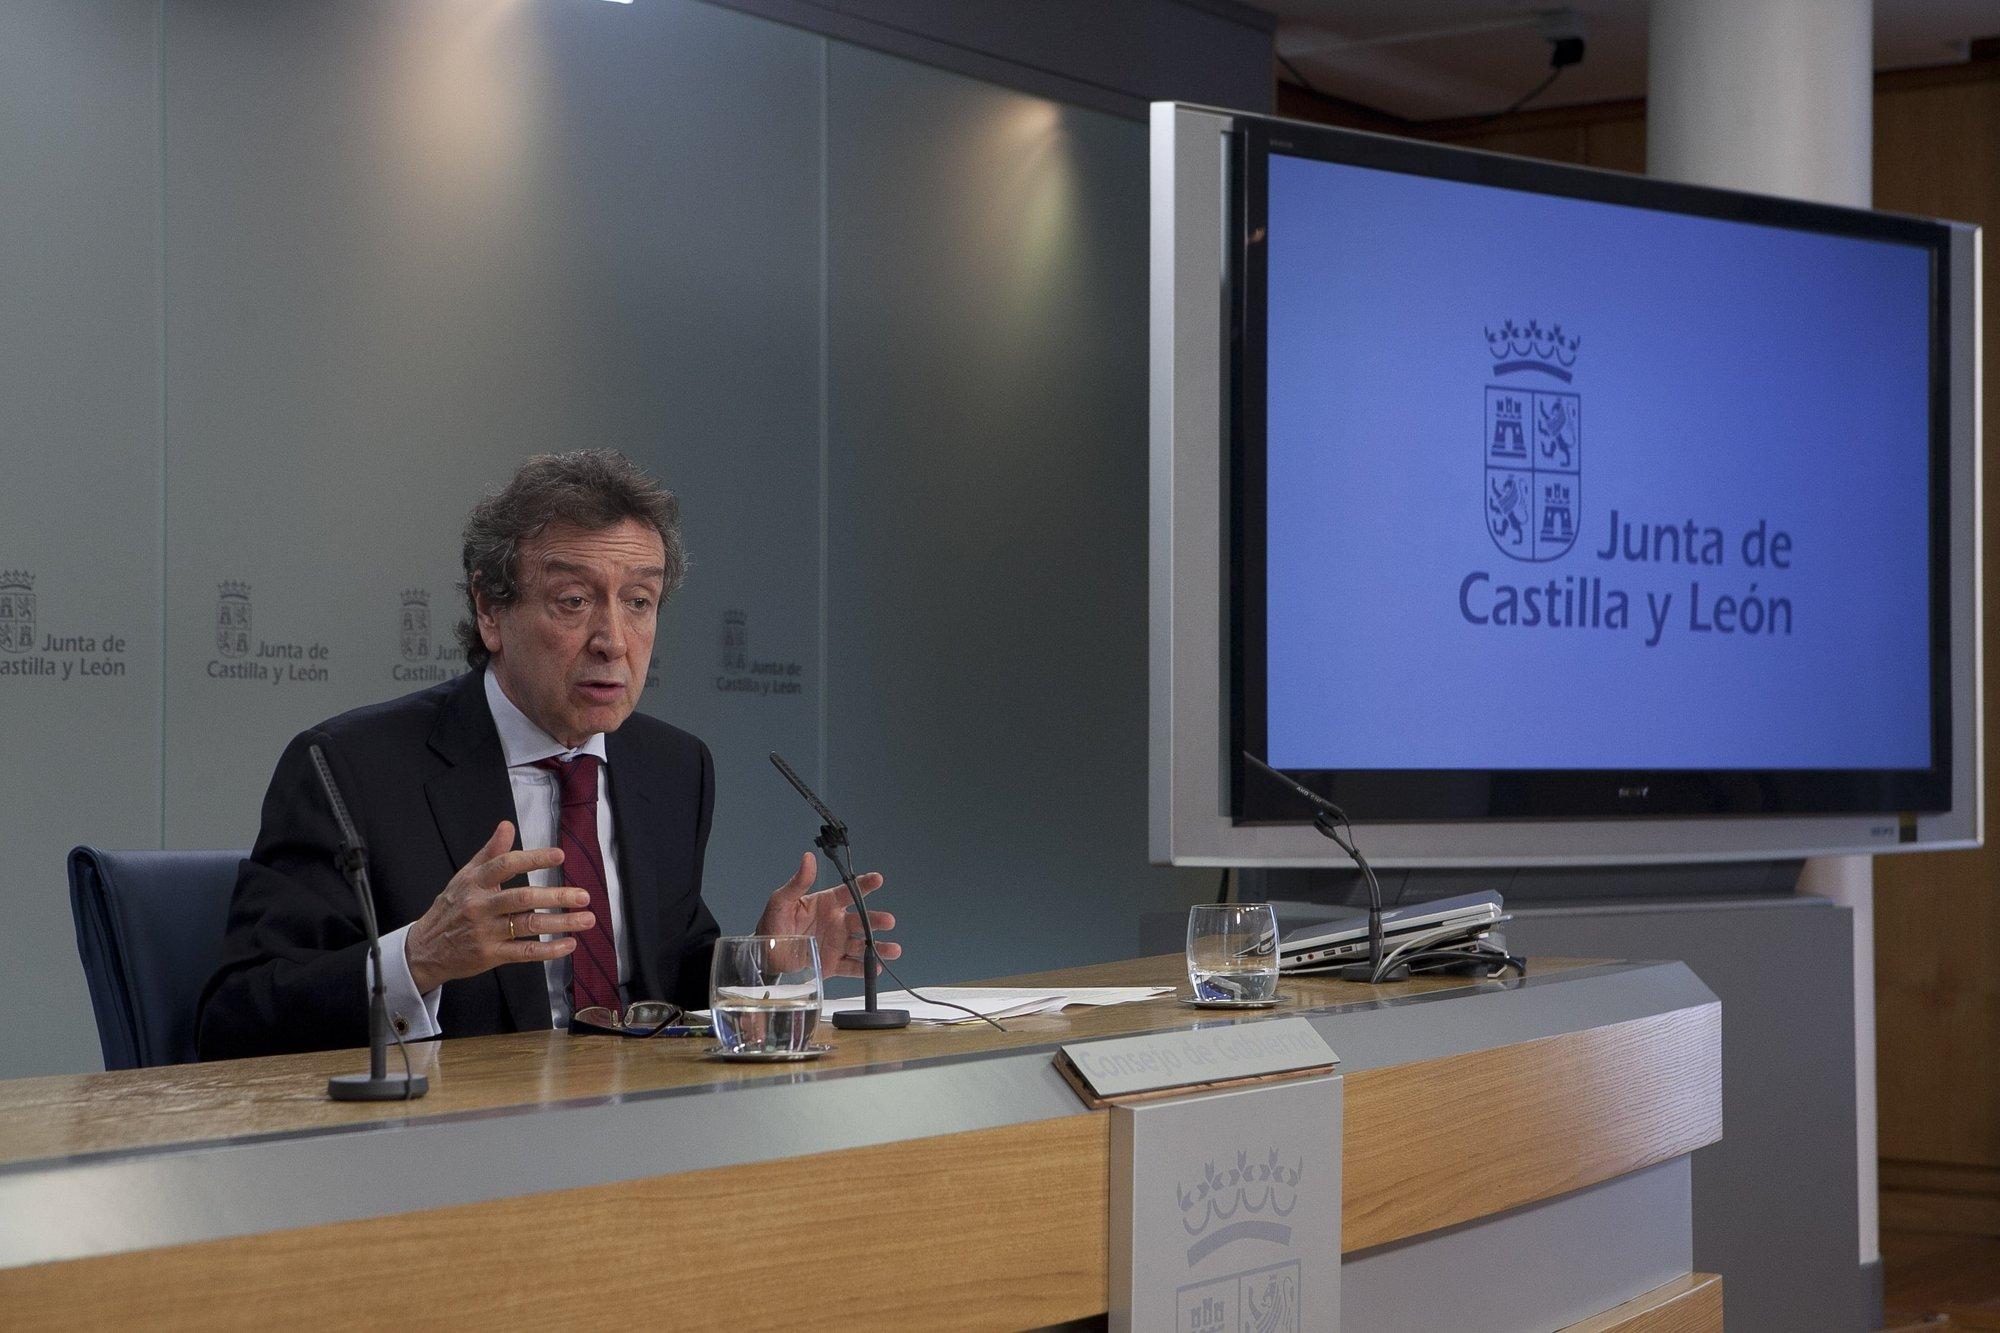 De Santiago Juárez contrapone la sensatez de CyL en sus presupuestos a los «hachazos y recortes brutales» de Andalucía